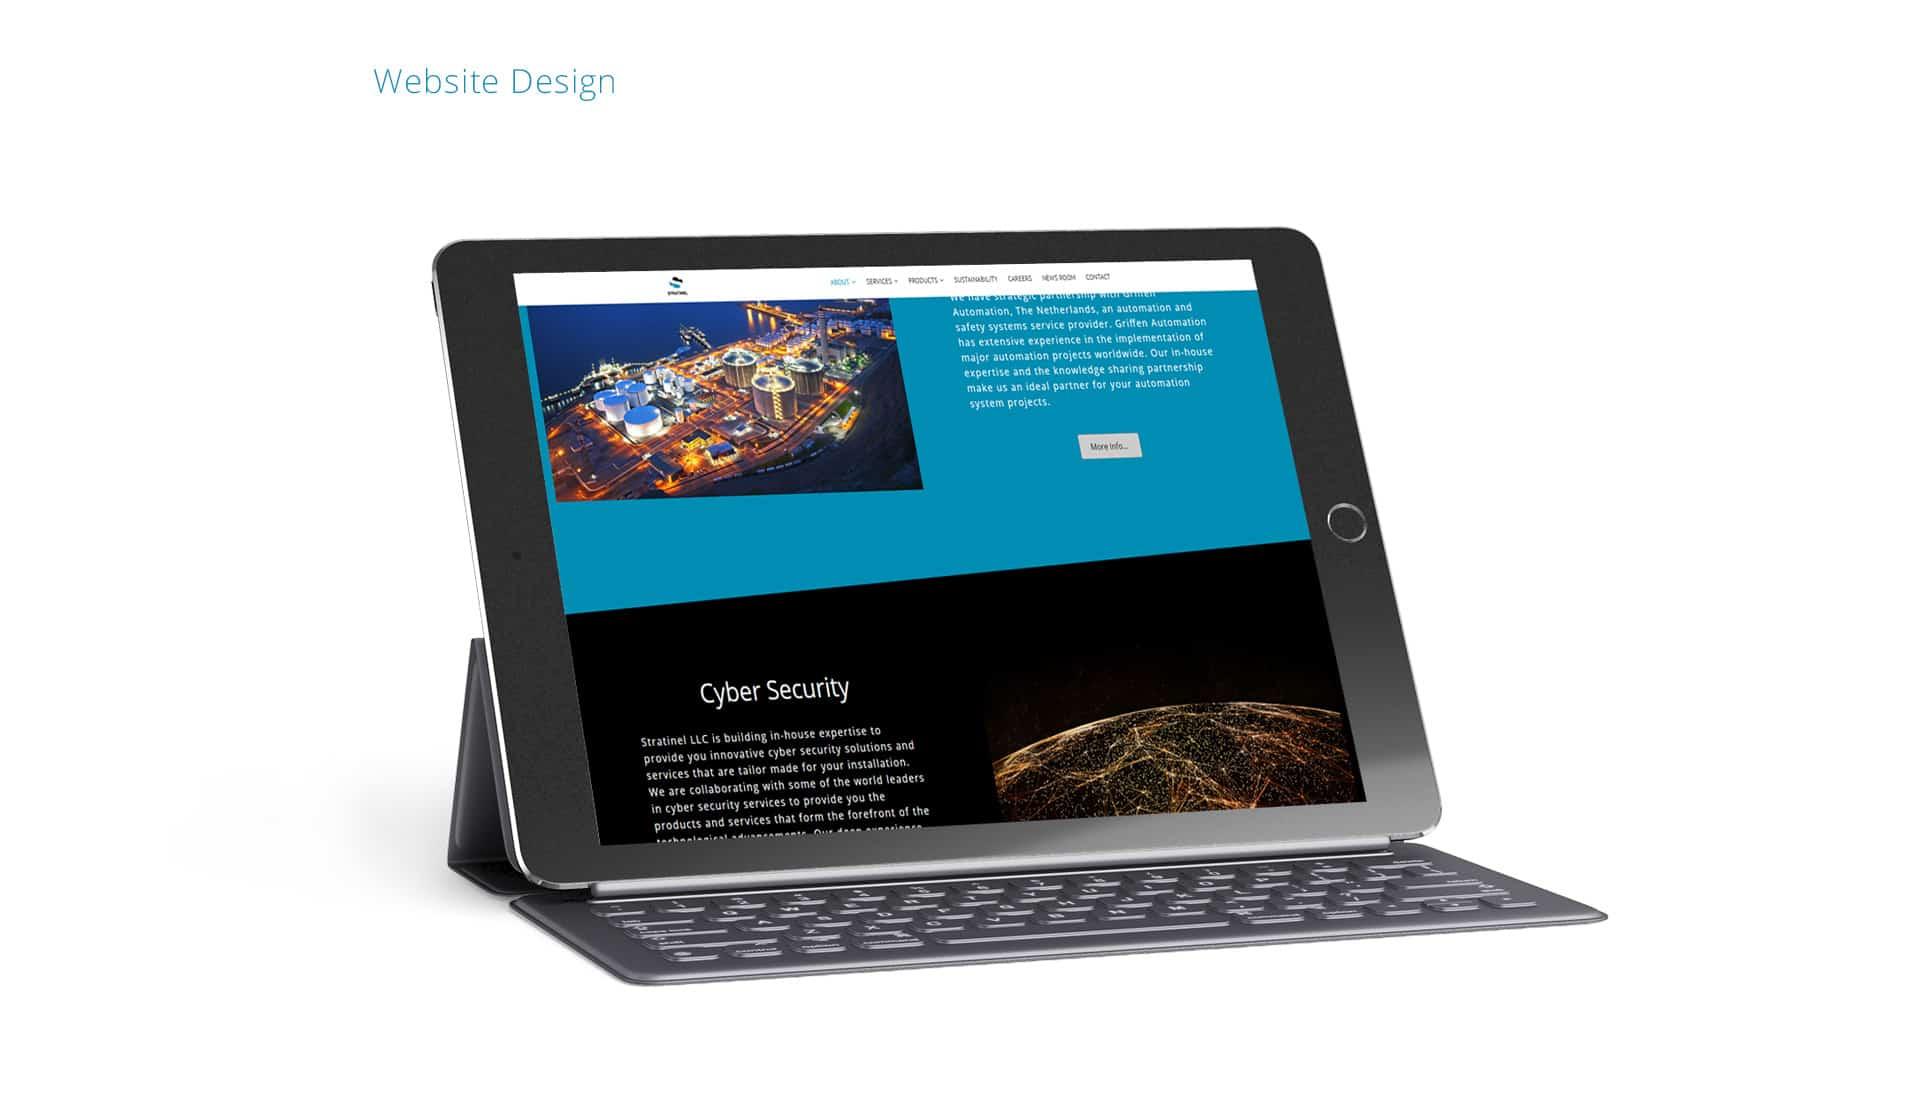 Web Design for a company